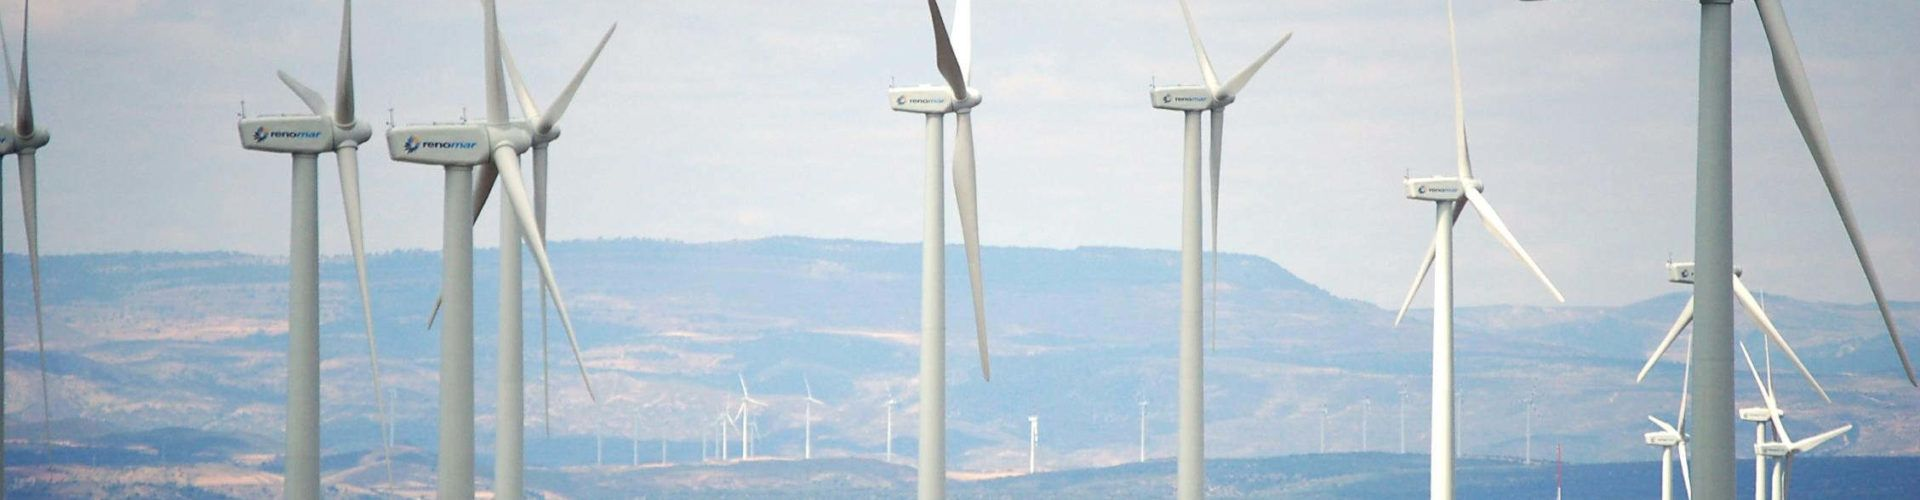 Los alcaldes de Els Ports apuestan por más parques eólicos